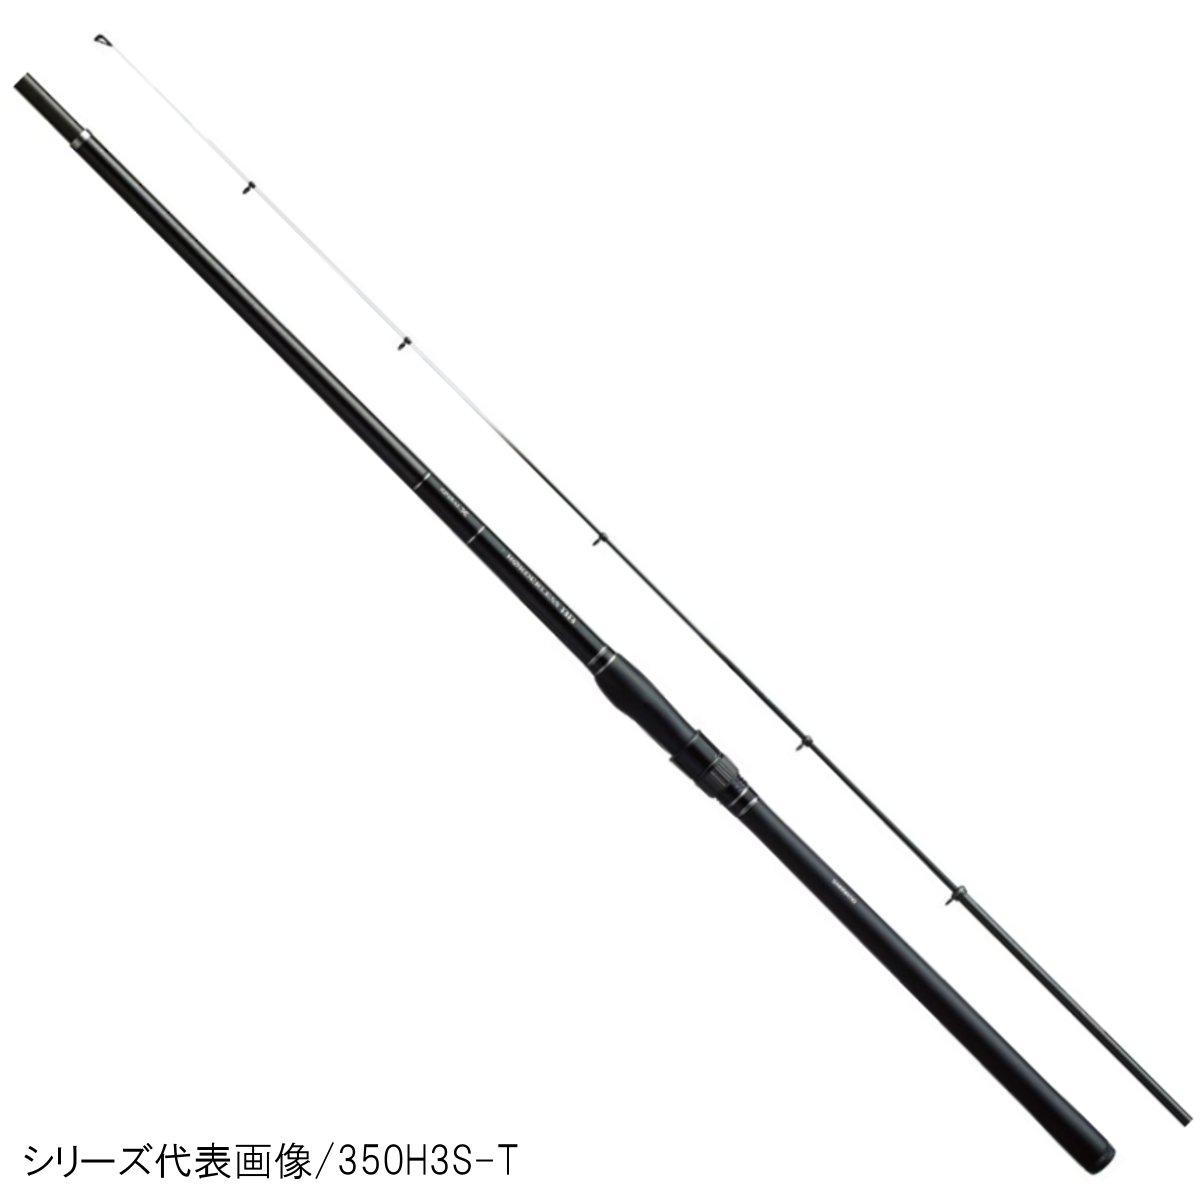 シマノ ボーダレスBB(パワー系ソリッドティップ仕様) 300H4S-T